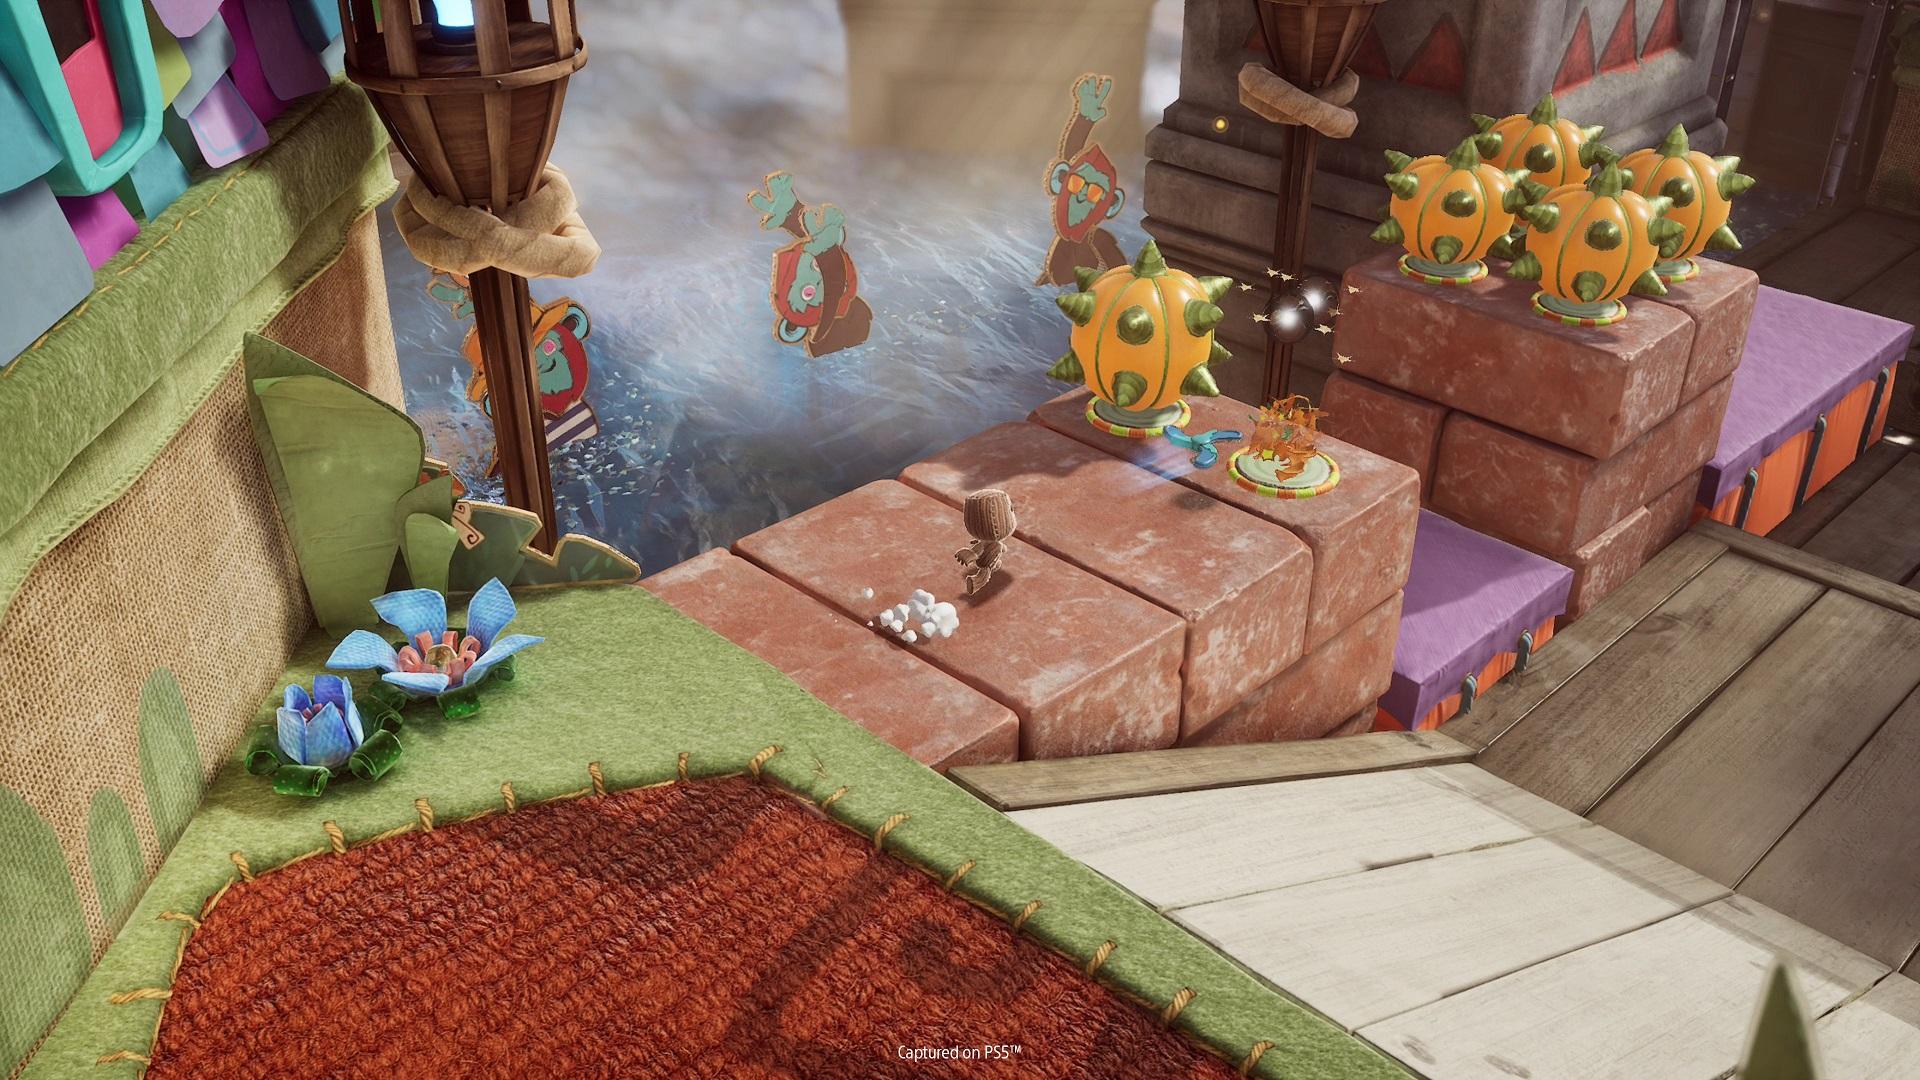 Sackboy: A Big Adventure – V graficky podarenej akčnej hre so svojou postavou budeš preskúmavať odlišné svety, kde budeš čeliť rôznym nástrahám. Tvojím nepriateľom bude čas, no na pomoc ti budú môcť prísť aj kamaráti.